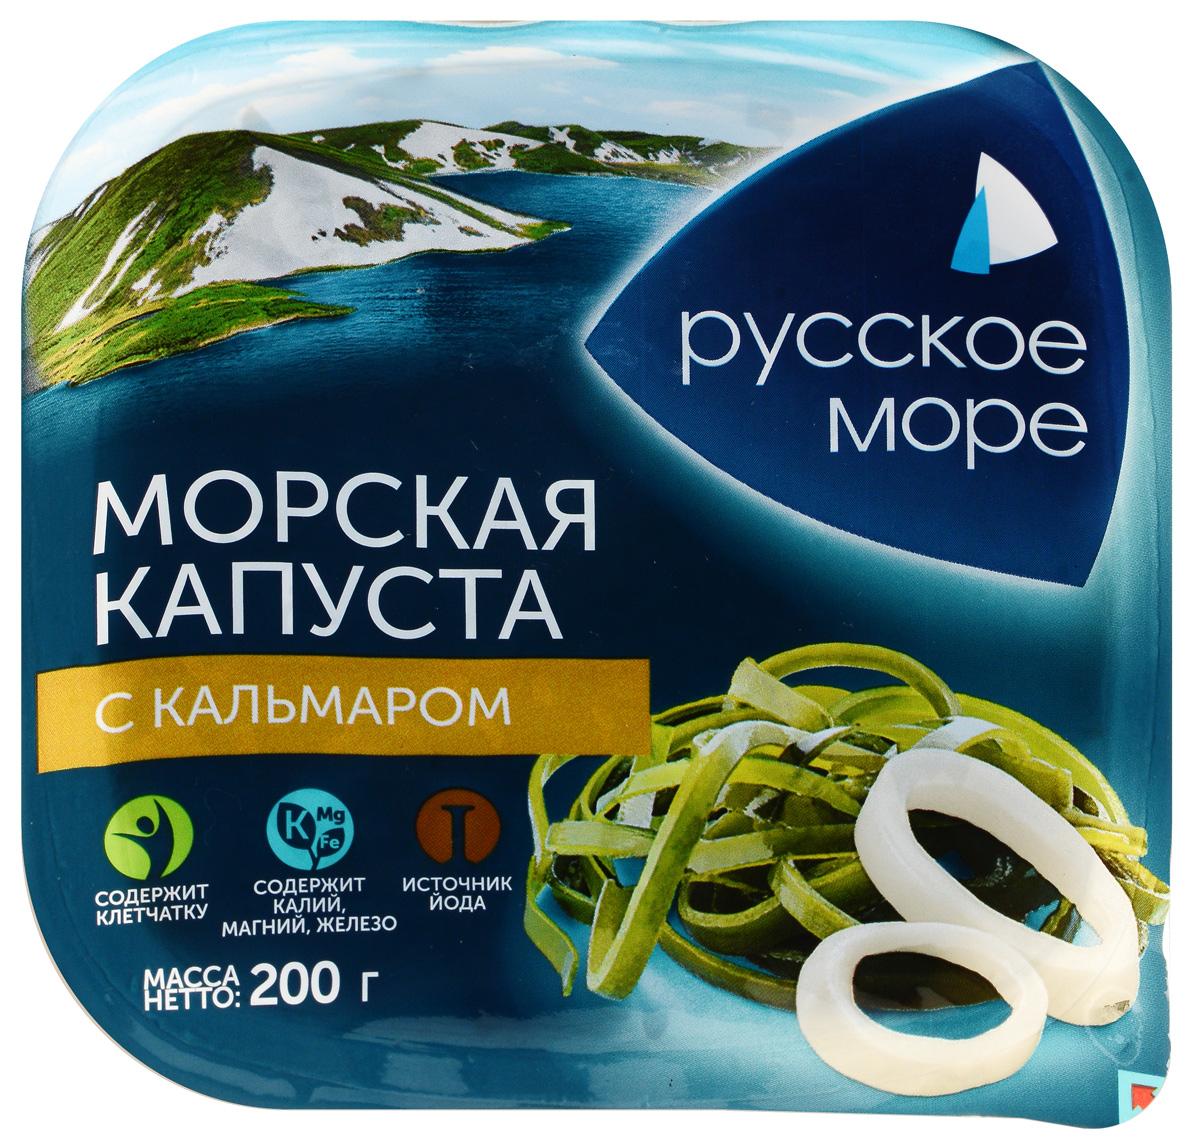 Русское Море Капуста морская маринованная с кальмаром, 200 г